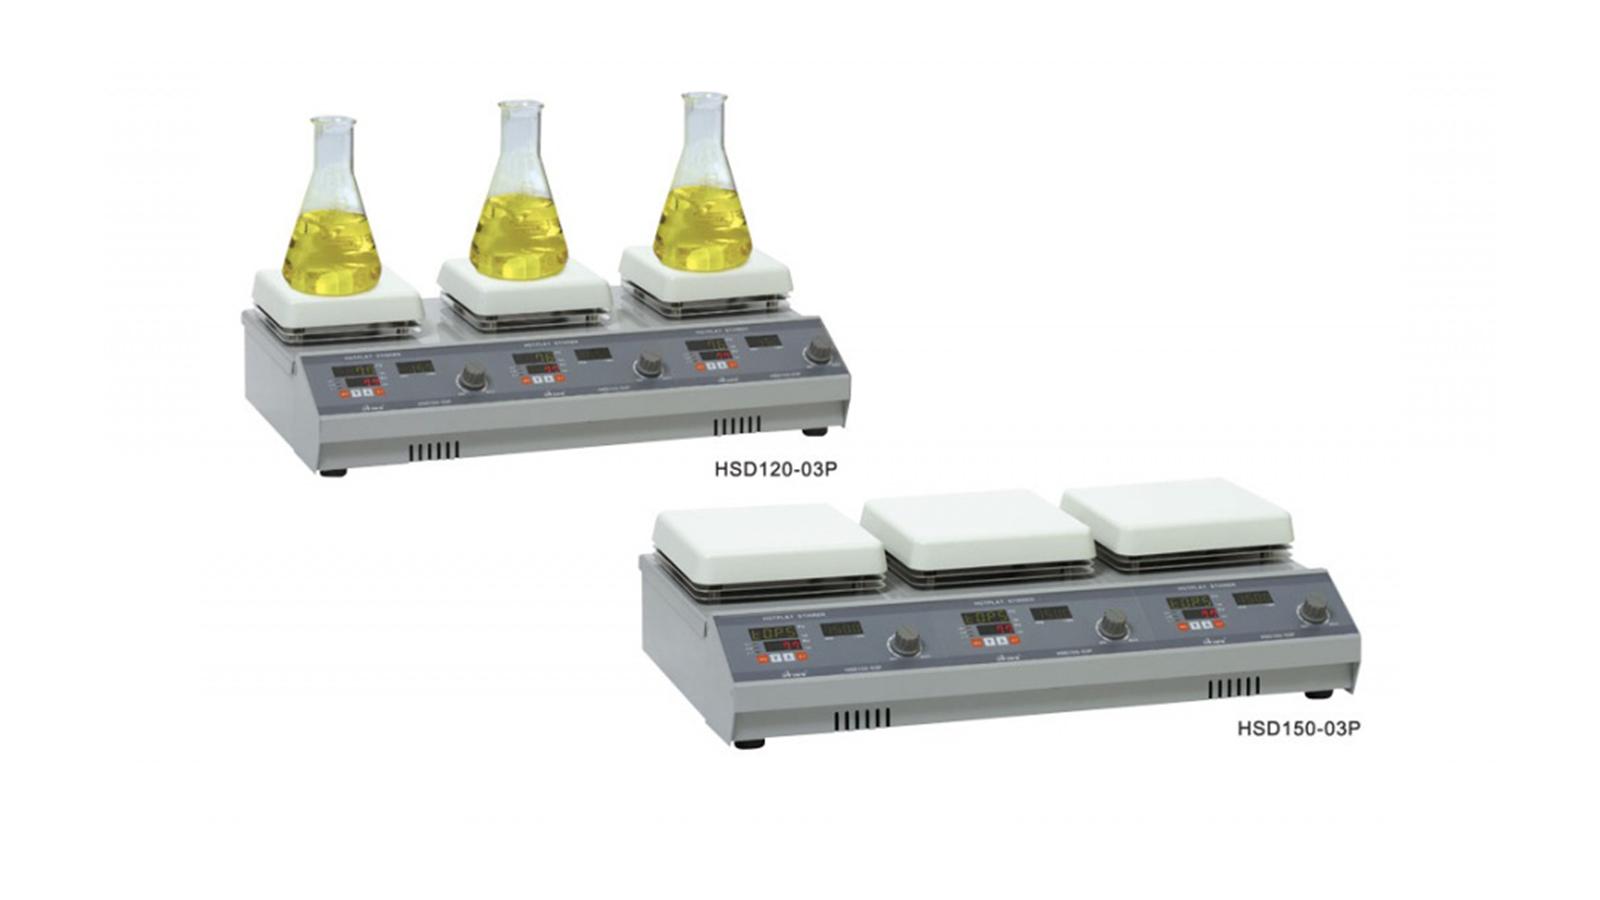 Dijital Çoklu Isıtıcılı Manyetik Karıştırıcı    Merlab Laboratuvar Ekipmanları